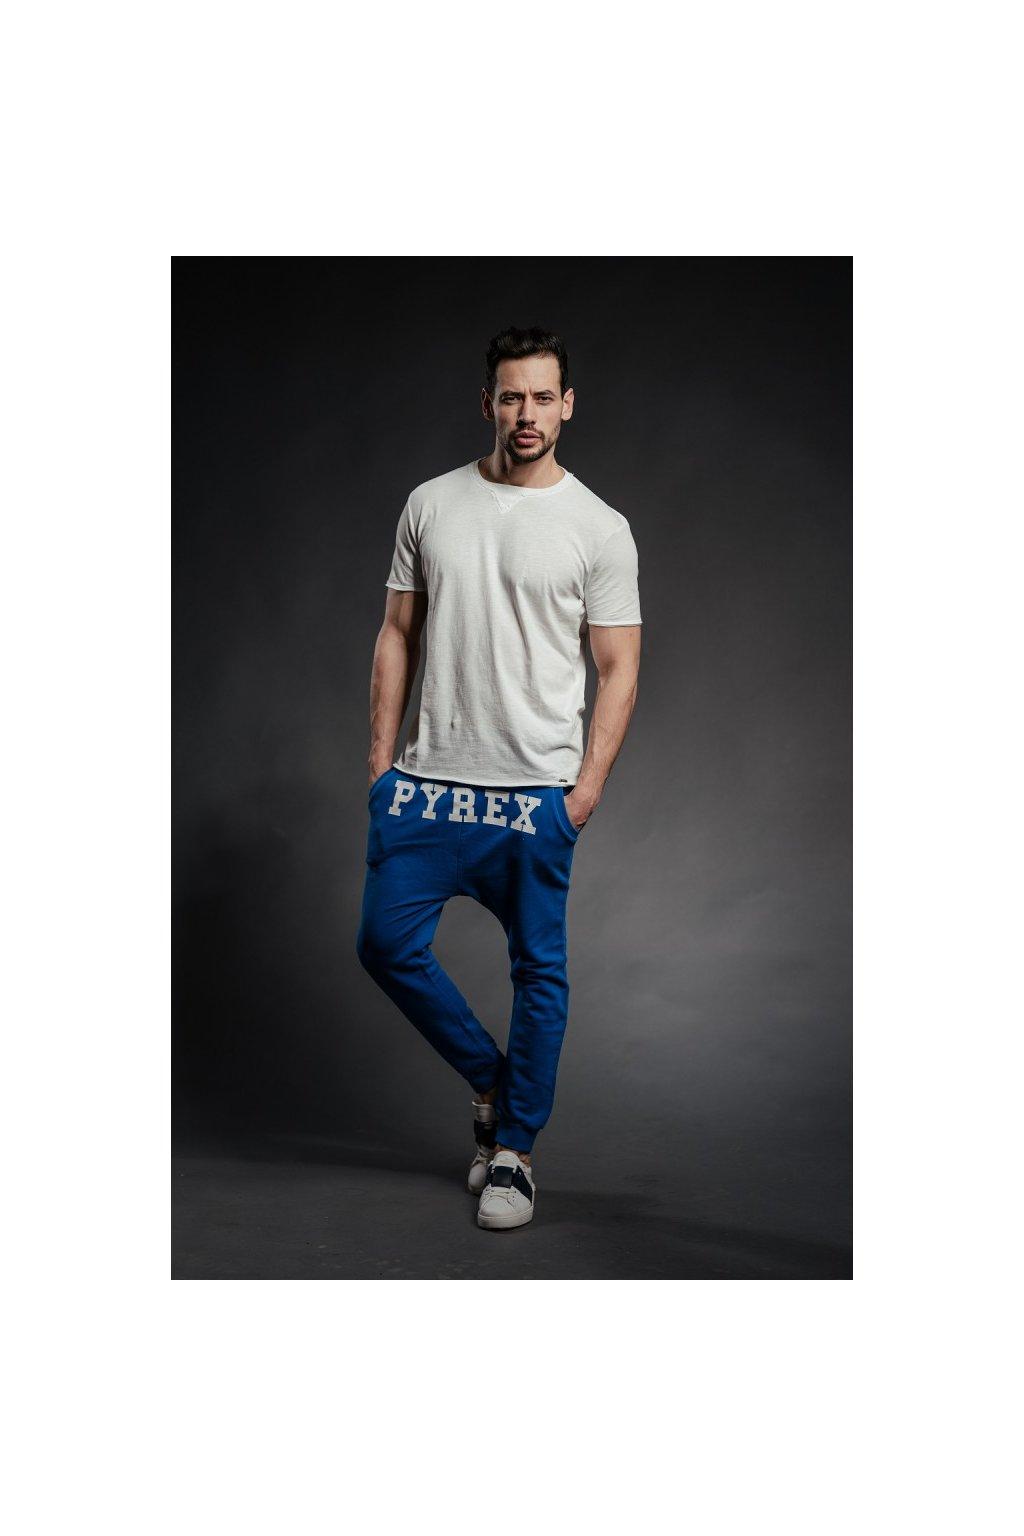 Tričko s krátkým rukávame, MARKUP - bílé (Velikost Velikost XXL)